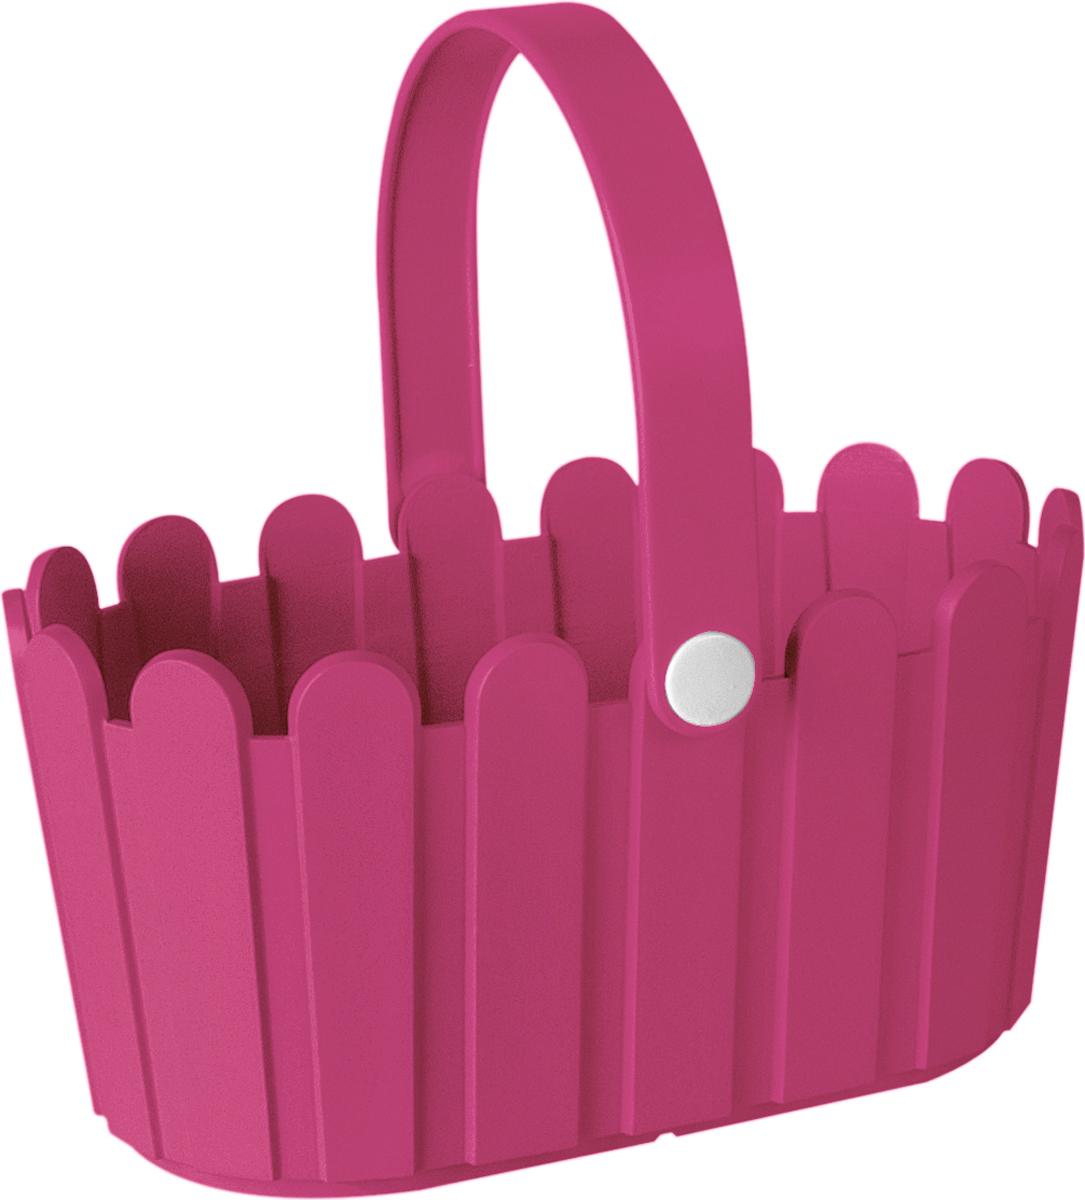 Кашпо Emsa Landhaus Basket, цвет: ярко-розовый, 28 х 18 см ящик балконный emsa landhaus цвет темно зеленый 50 х 20 х 16 см